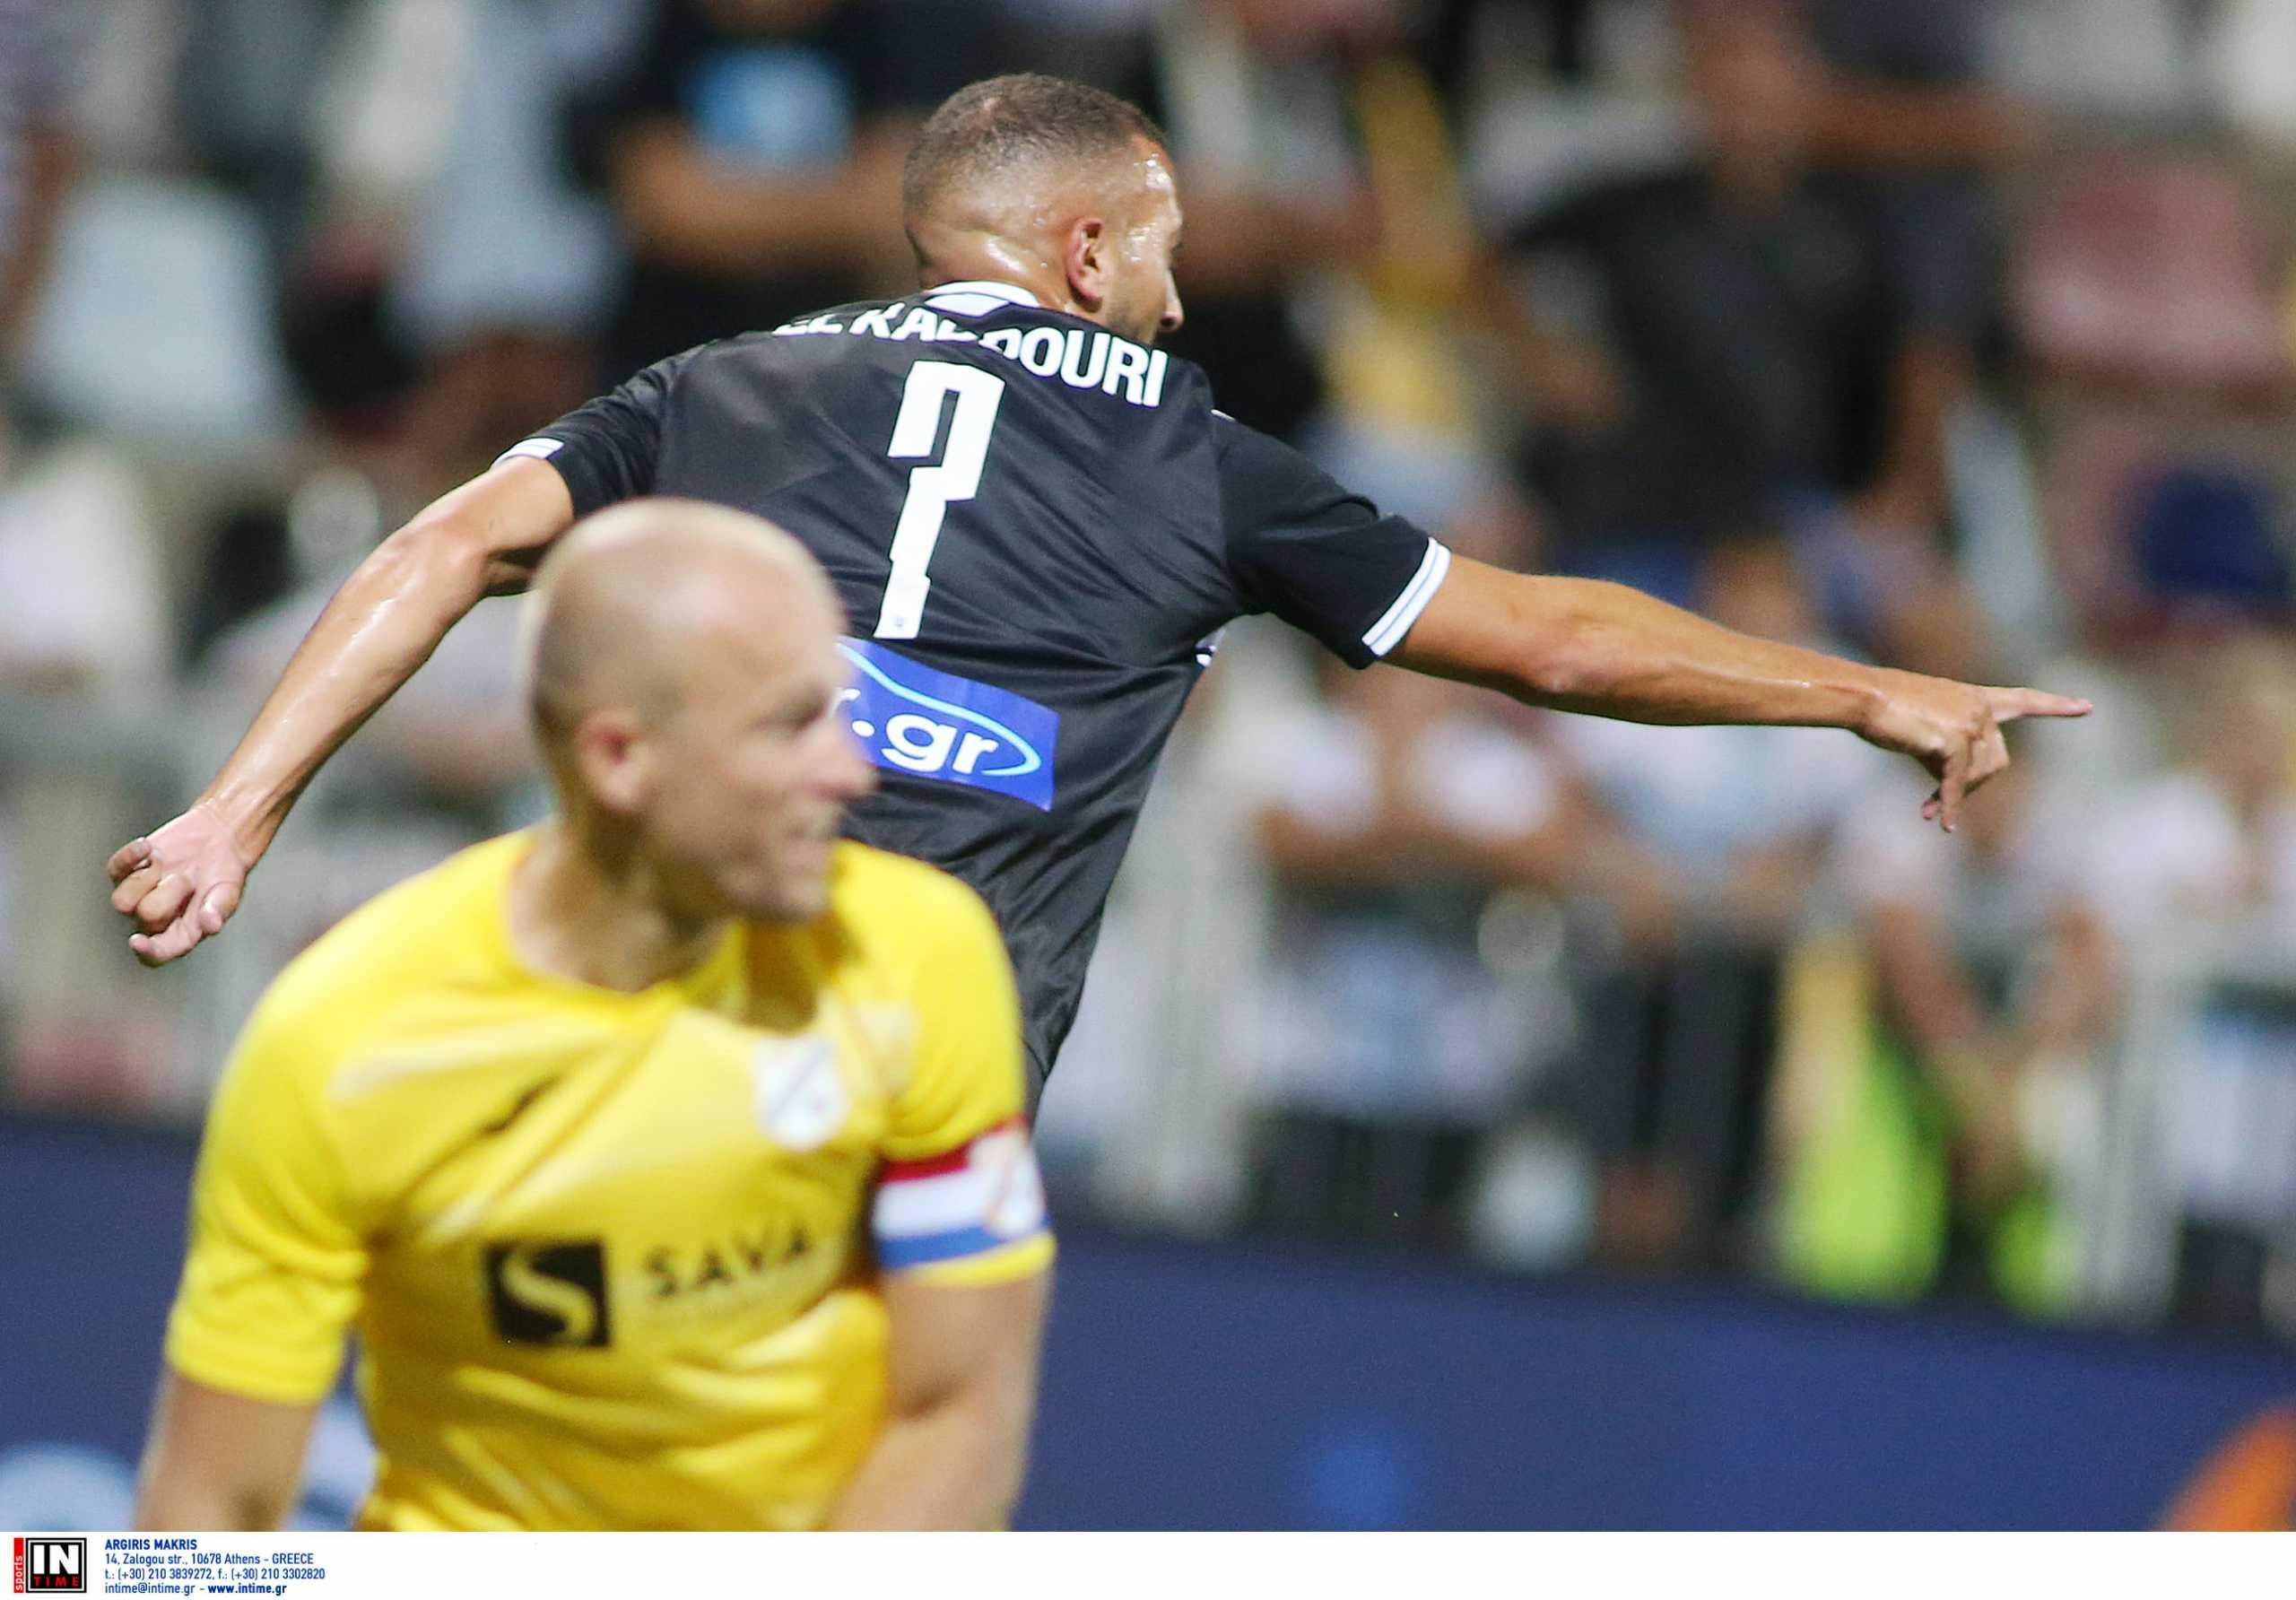 Ριέκα – ΠΑΟΚ: Το γκολ του Ελ Καντουρί που πάγωσε τους Κροάτες